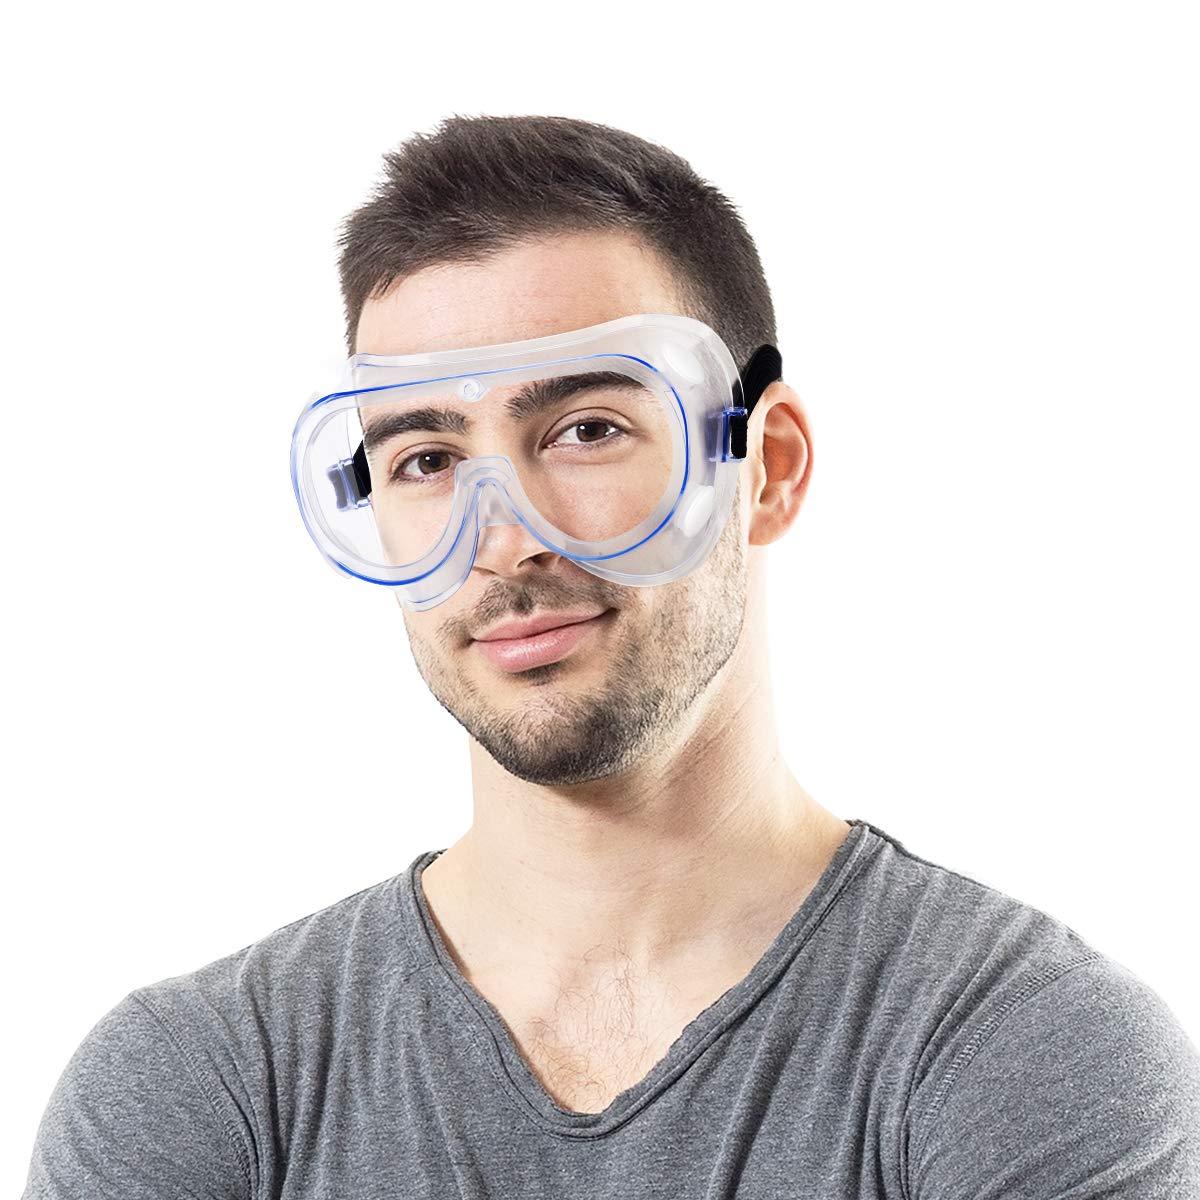 Gafas protectoras de seguridad, gafas de seguridad, protección de ojos ajustable antiarañazos, UV y salpicaduras, gafas ligeras y ligeras para bricolaje, laboratorio y deportes al aire libre